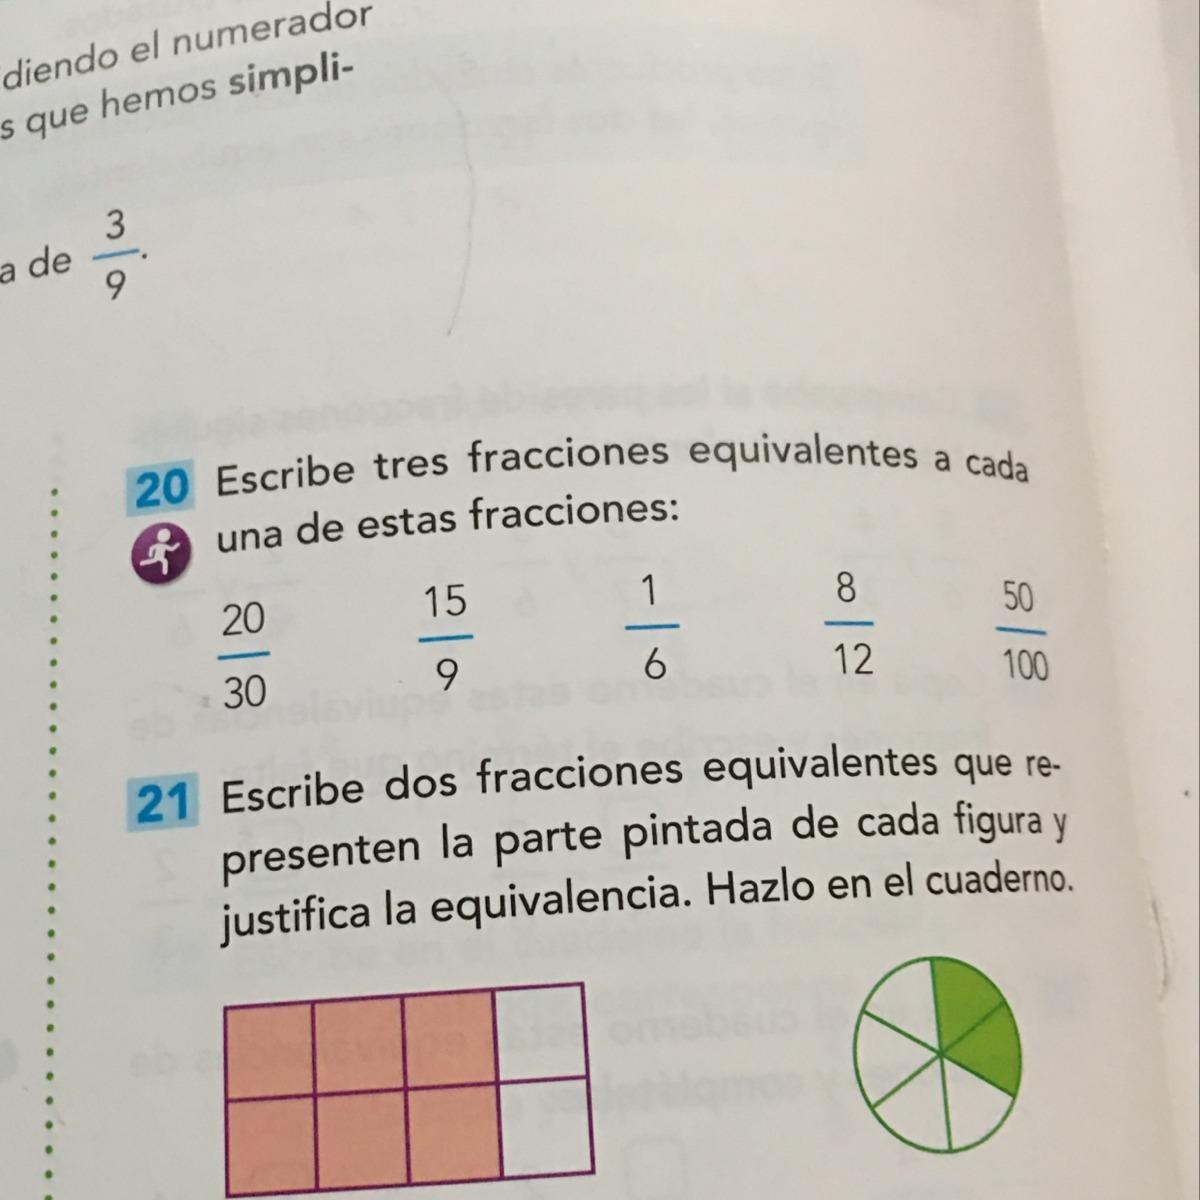 Decirme 3 Fracciones Equivalente A20 30 15 9 1 6 8 12 Y 59 100 Brainly Lat